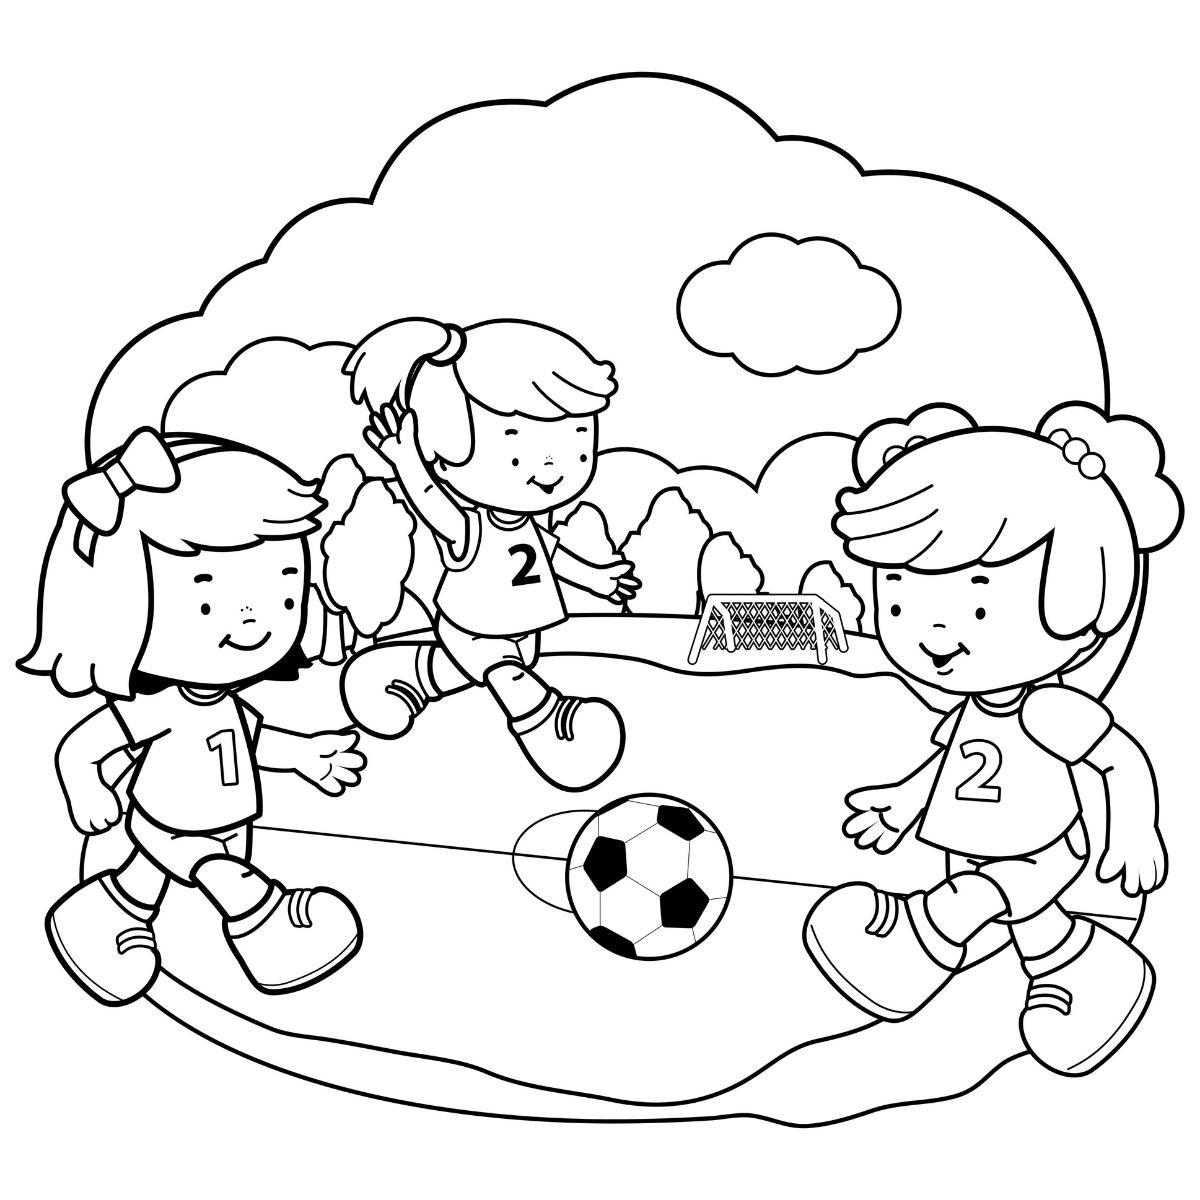 Kolorowanka gra w piłkę